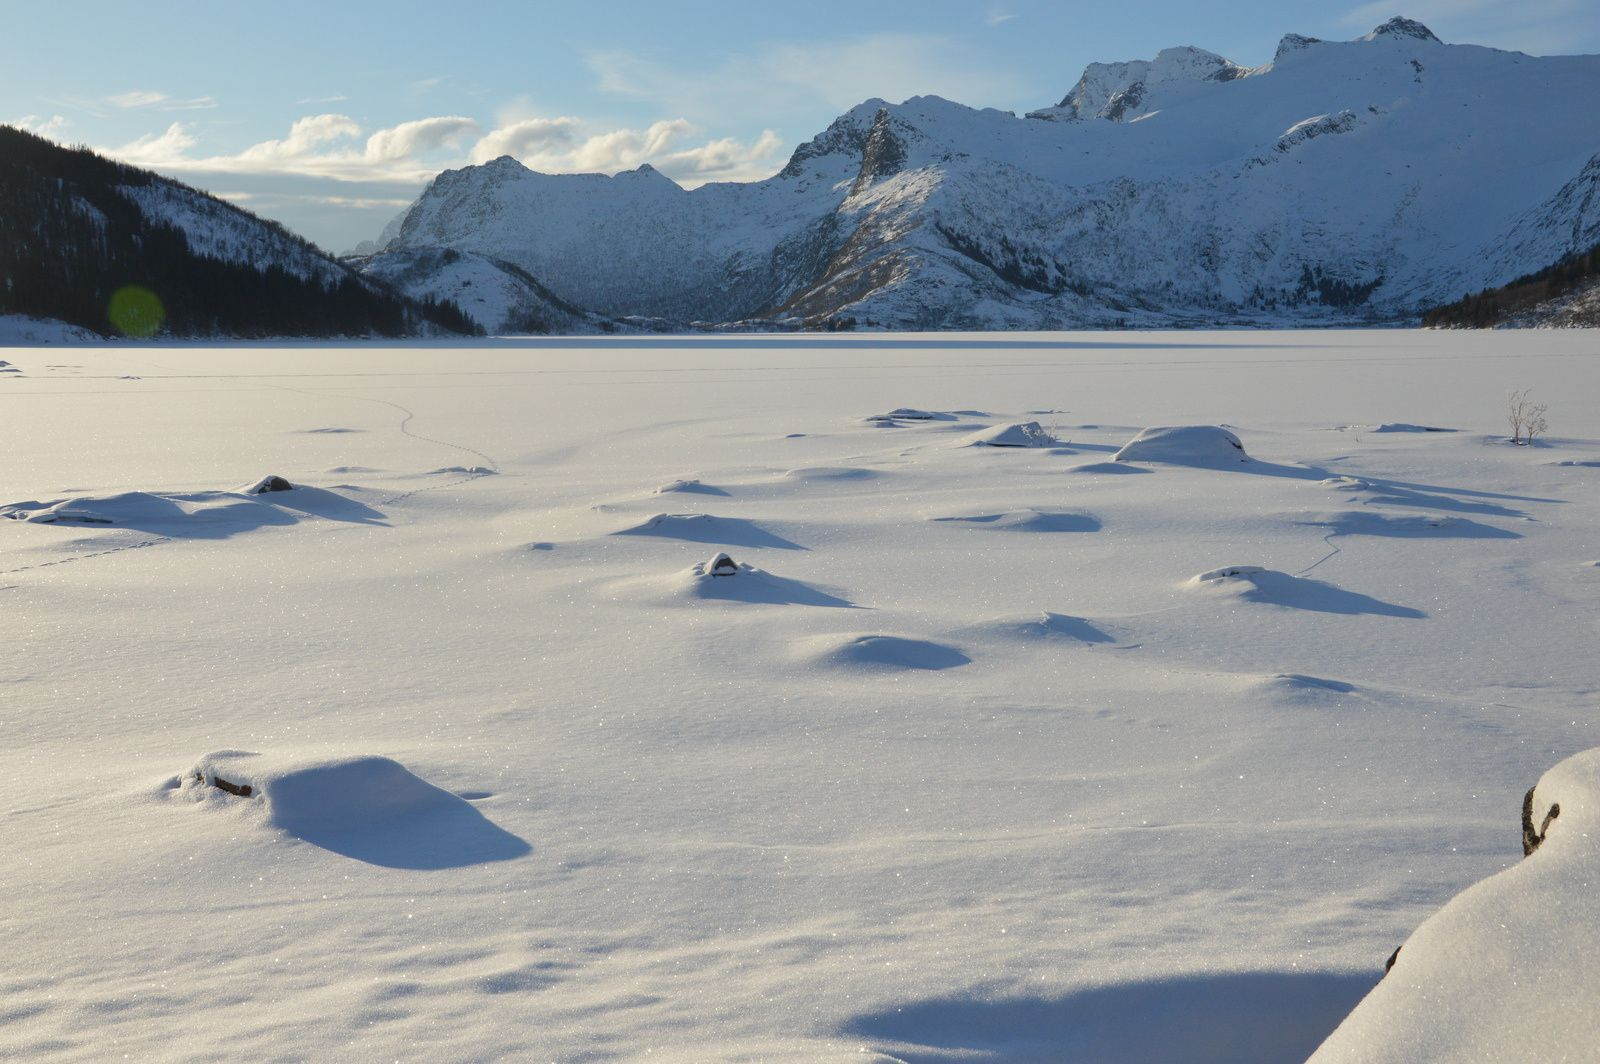 Norvège. Iles Lofoten, ile de Senja, Tromso et alentours... DU 15 au 25 février 2018.